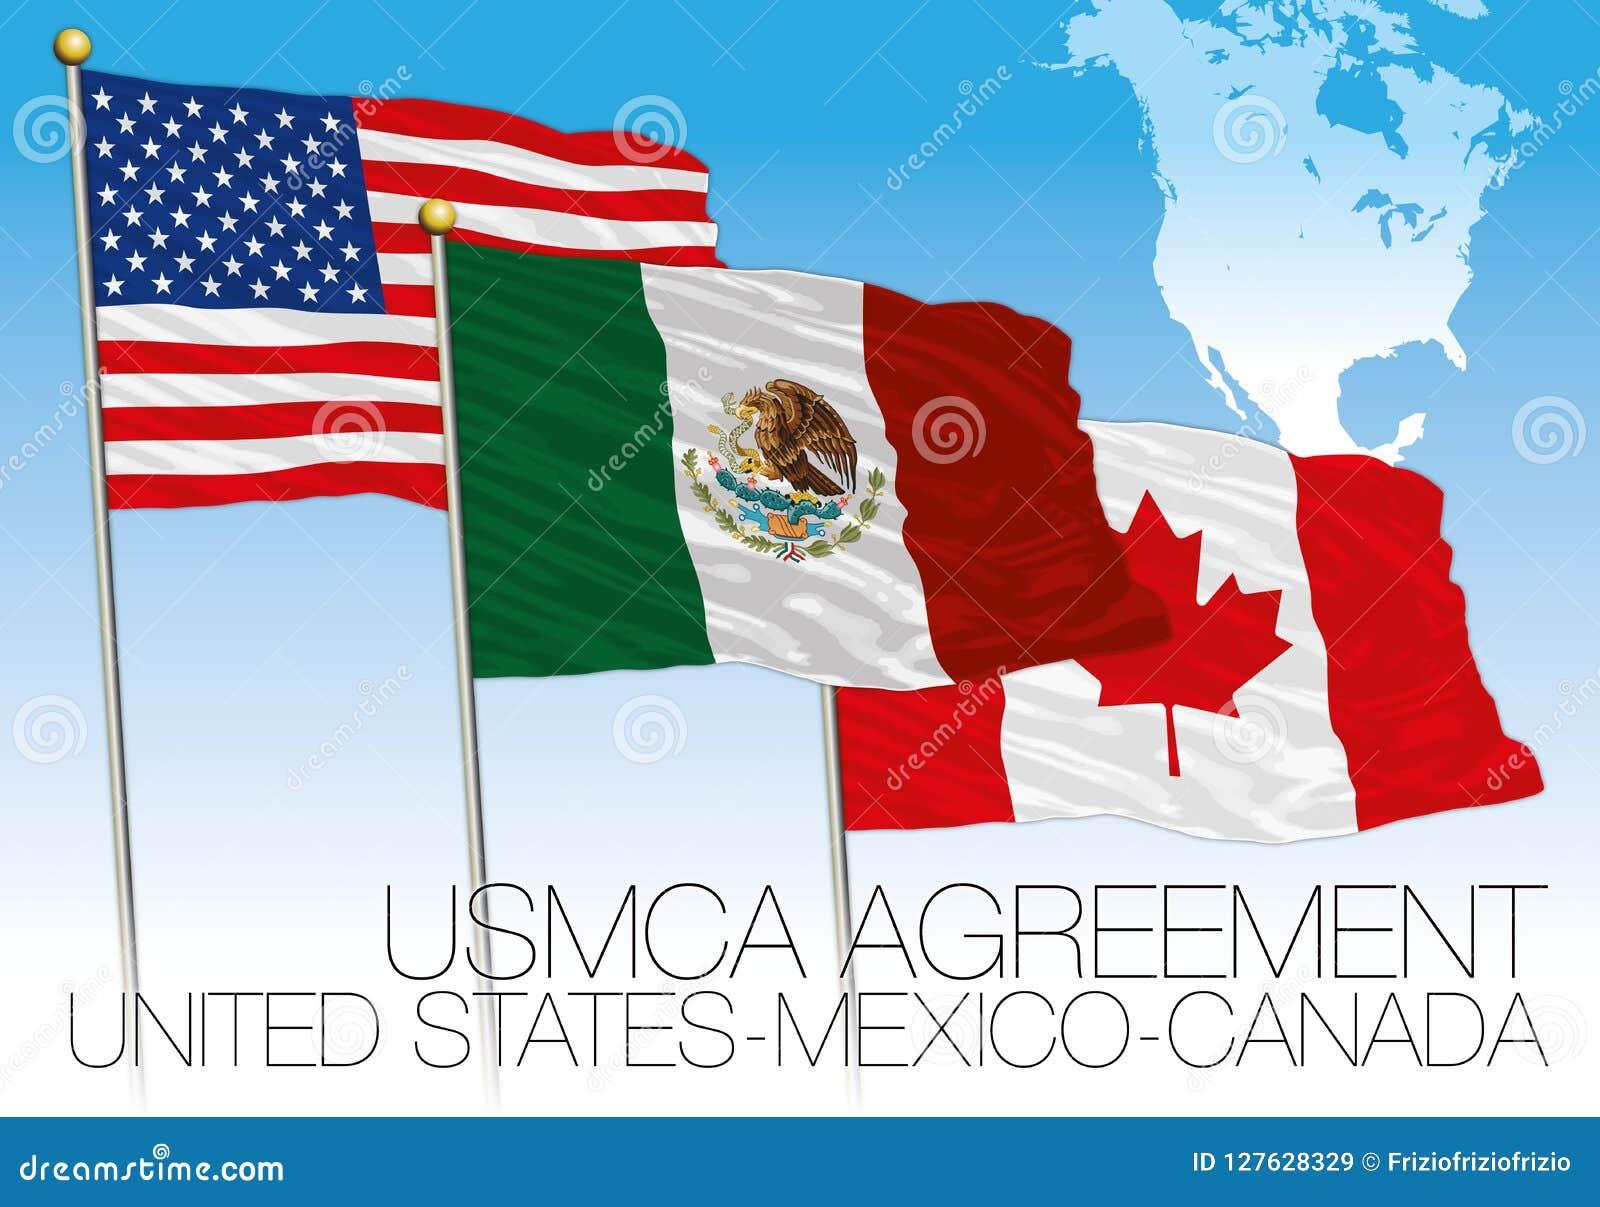 Mexiko Staaten Karte.Flaggen Usmca Vereinbarung 2018 Vereinigte Staaten Mexiko